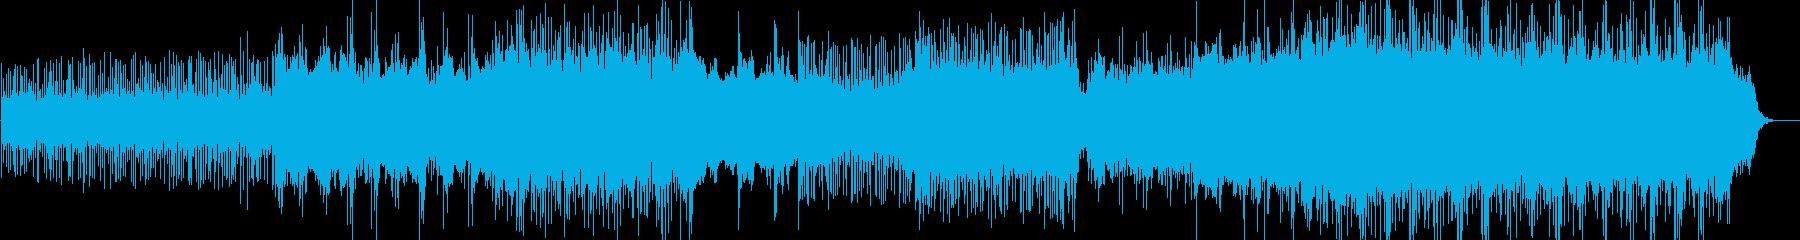 エネルギー。スカイロア。電子。アル...の再生済みの波形